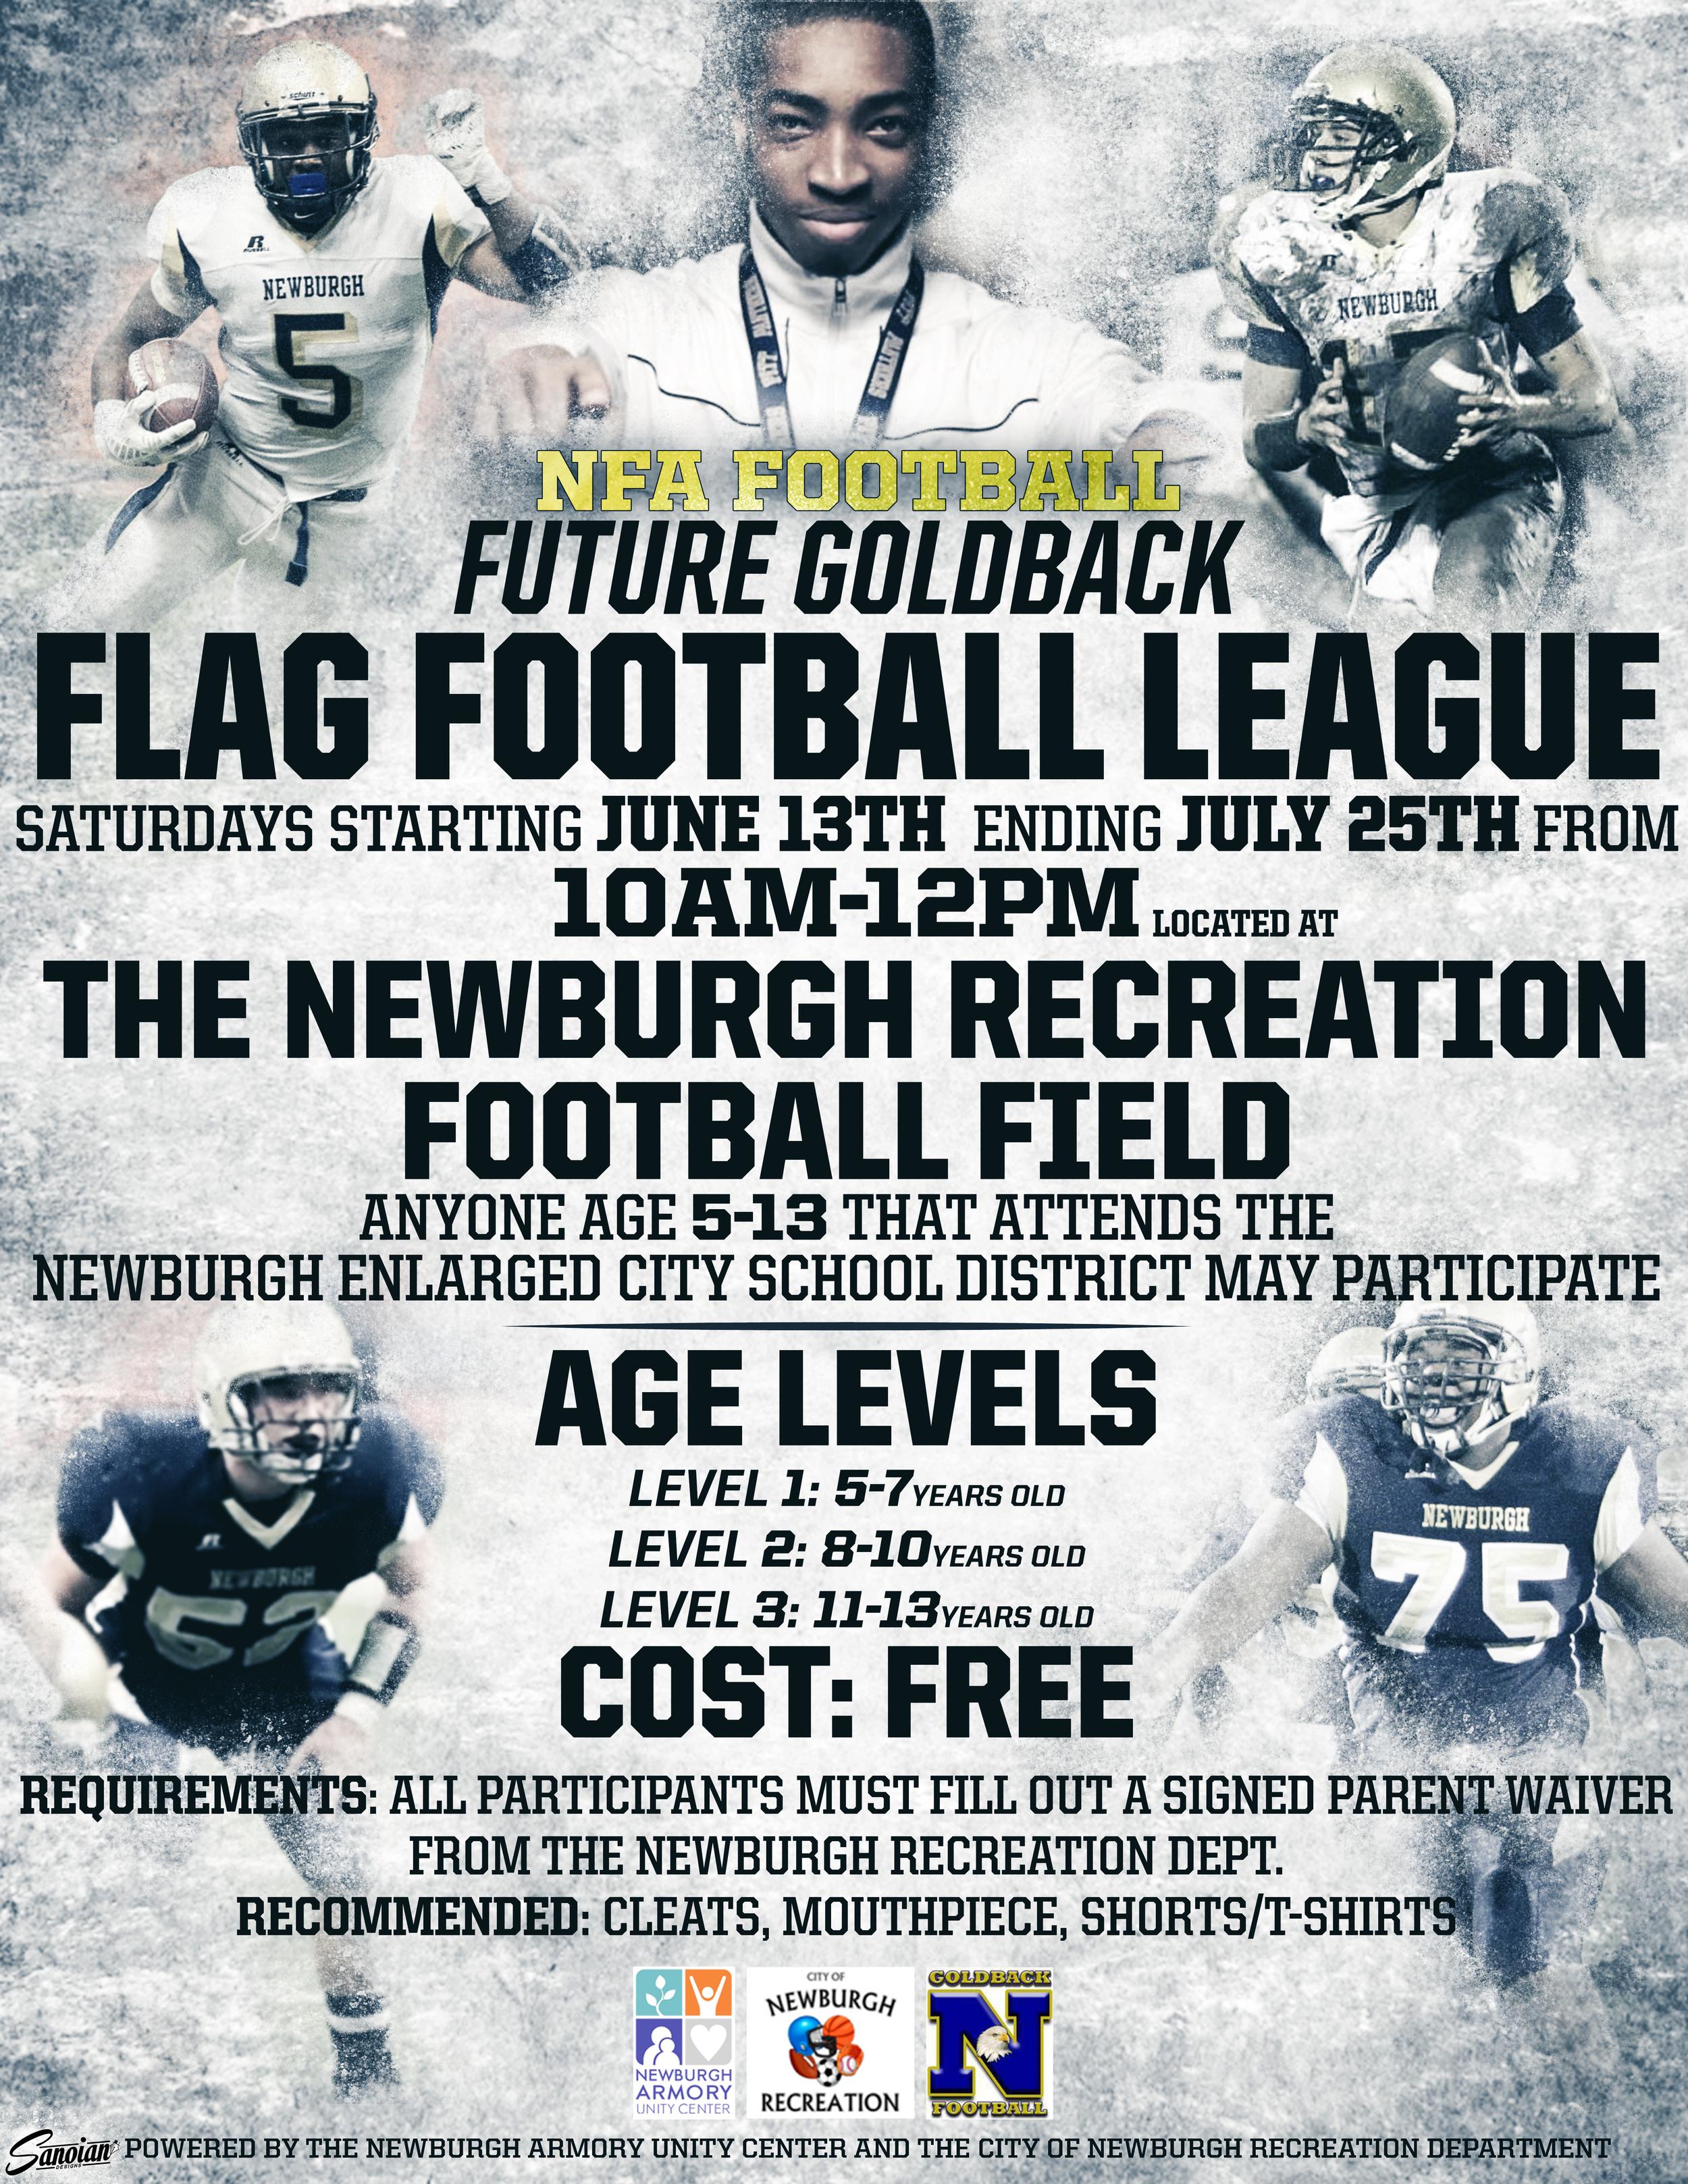 Future Goldback Flag Football League